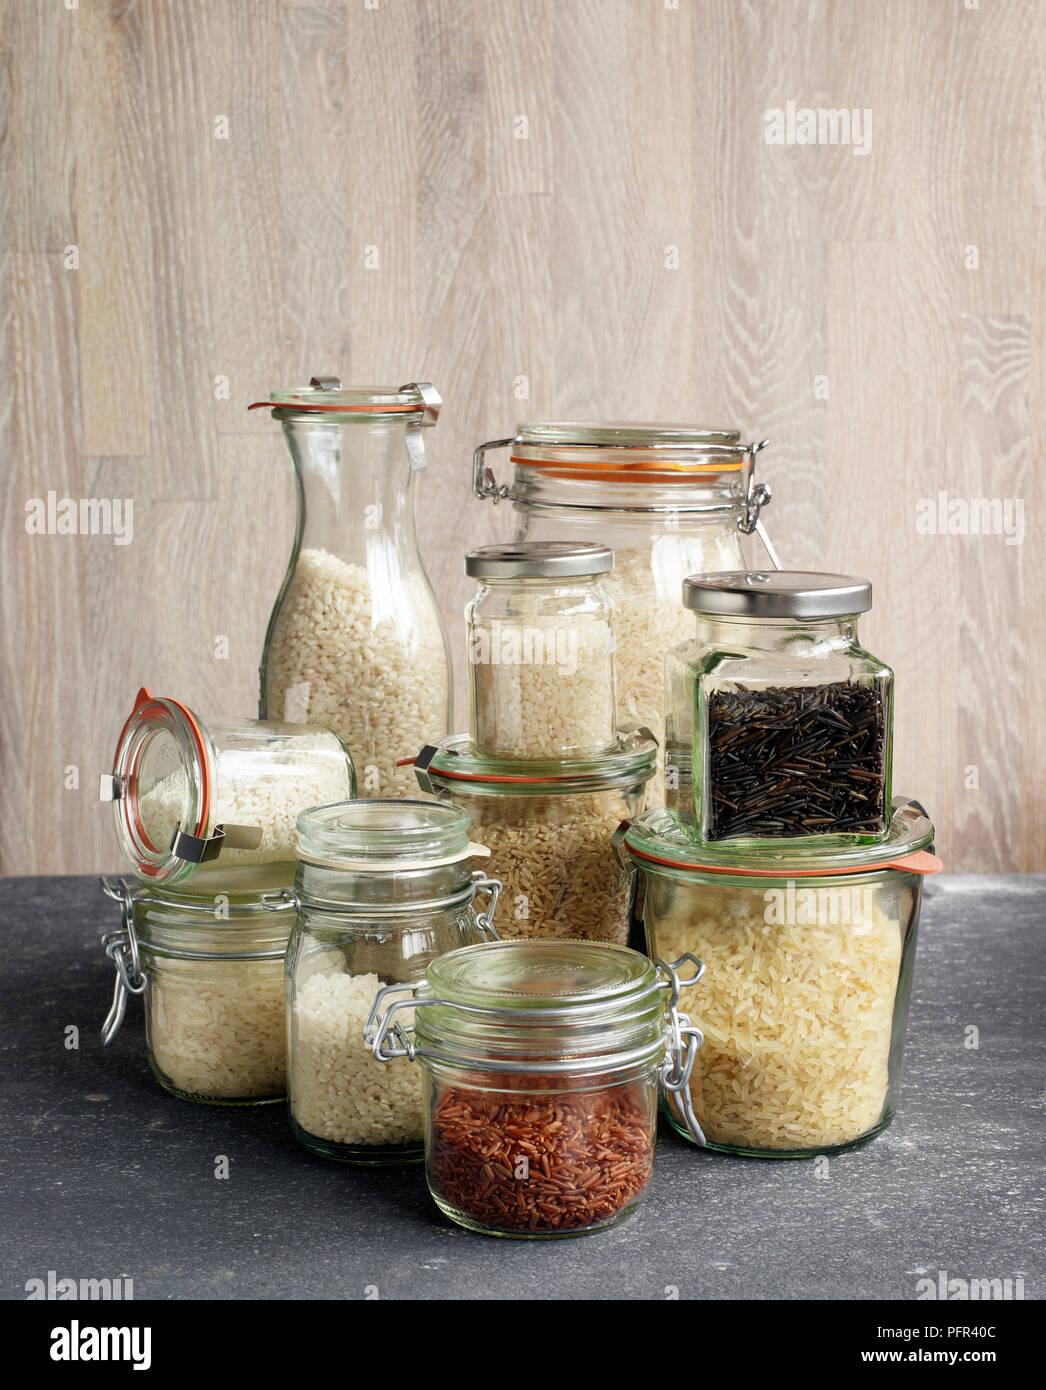 Gläser mit verschiedenen Arten von Reis, Risotto Reis, Basmatireis, Sushi Reis, klebrigen Reis, brauner Reis, Wildreis, Jasmin Reis, Pudding Reis, roter Reis (camargue Reis), langkörniger Reis Stockbild